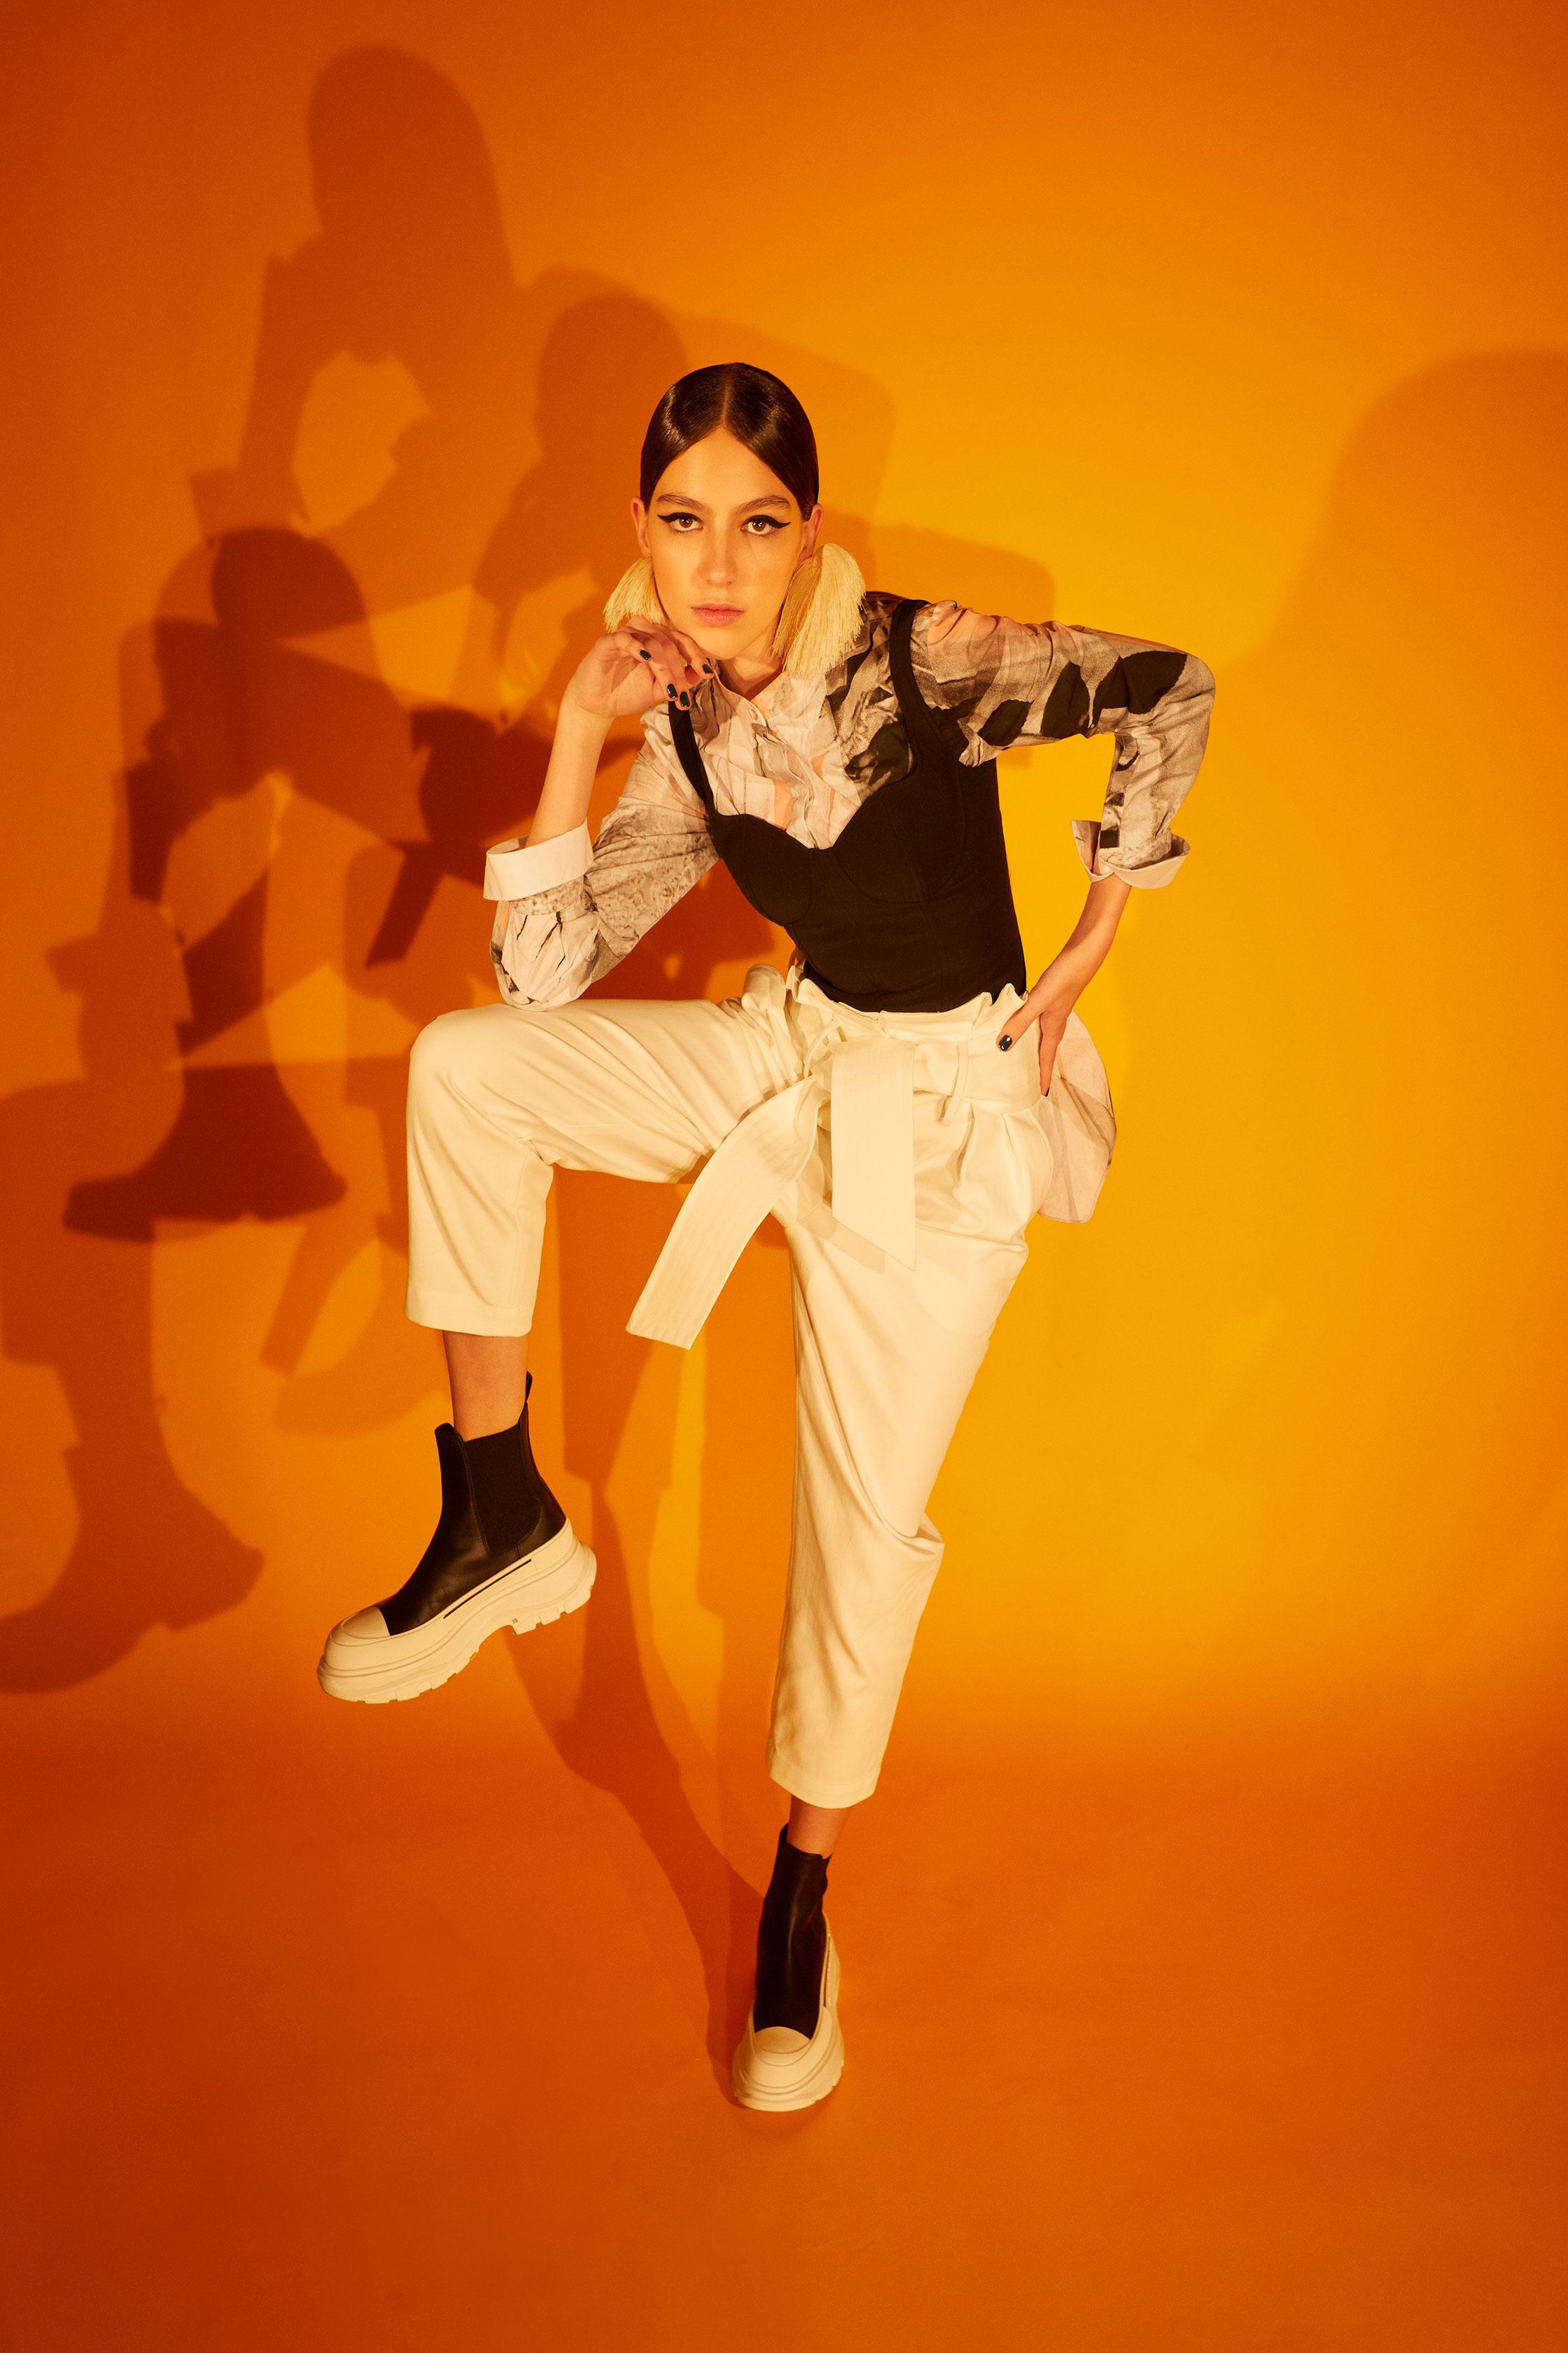 El Libro Amarillo camisa estampada ALEXANDER MCQUEEN _ top/corset ALEXANDER MCQUEEN _ pantalón blanco IRO _ aretes CARALARGA _ botas ALEXANDER MCQUEEN